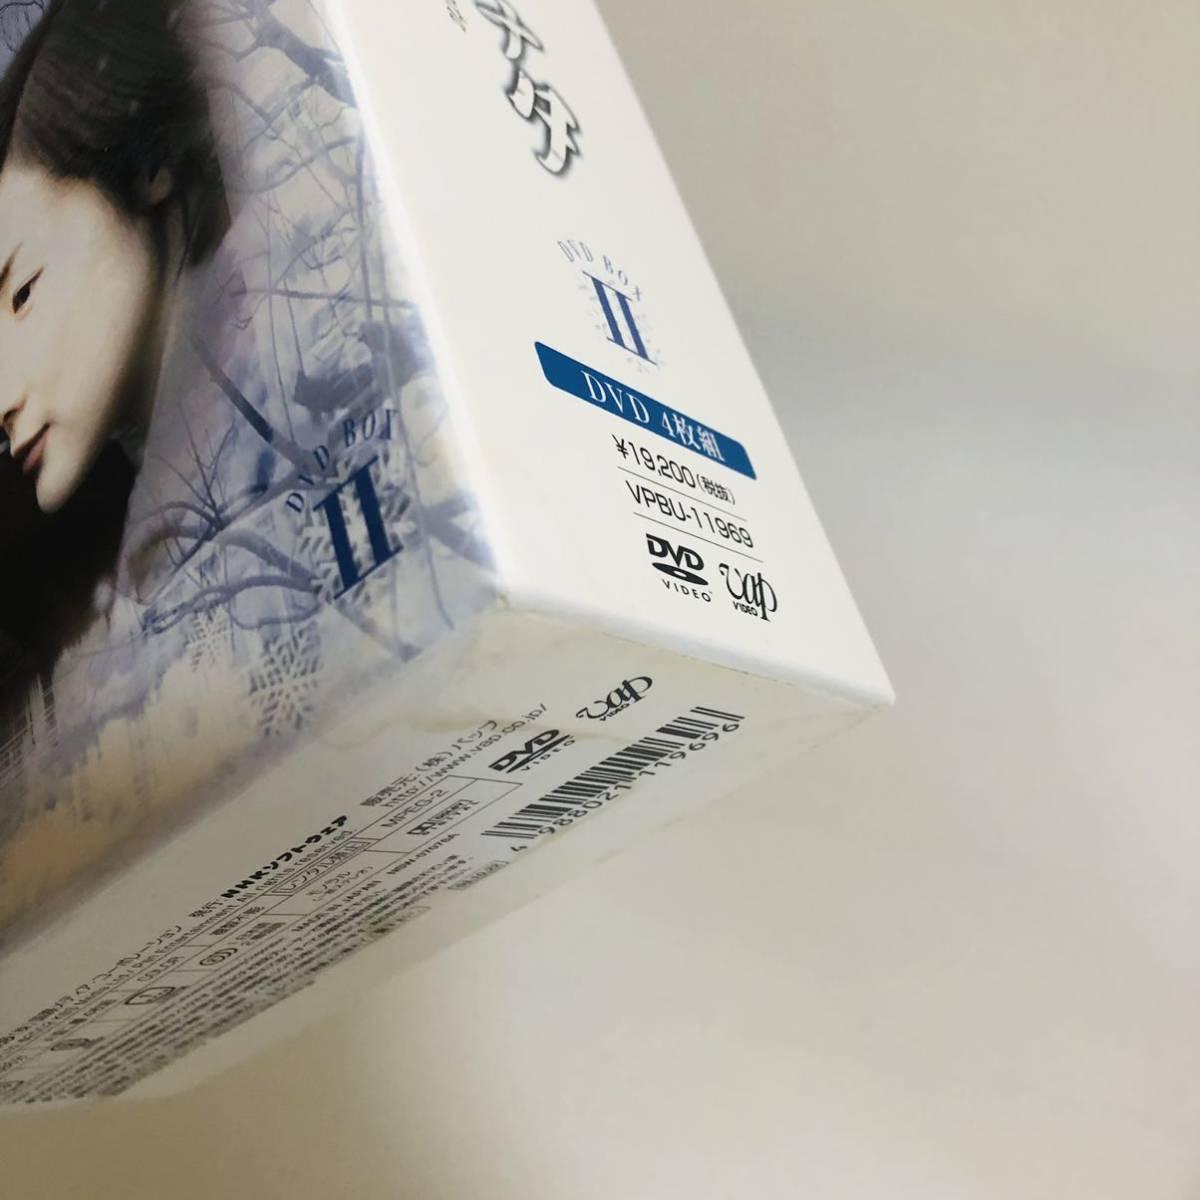 【送料無料】冬のソナタ DVD 全巻セット 全話 全巻DVD-BOX Ⅰ & Ⅱ ペヨンジュン チェジウ 韓国ドラマ 韓流 韓国 DVD 冬ソナ ヨン様